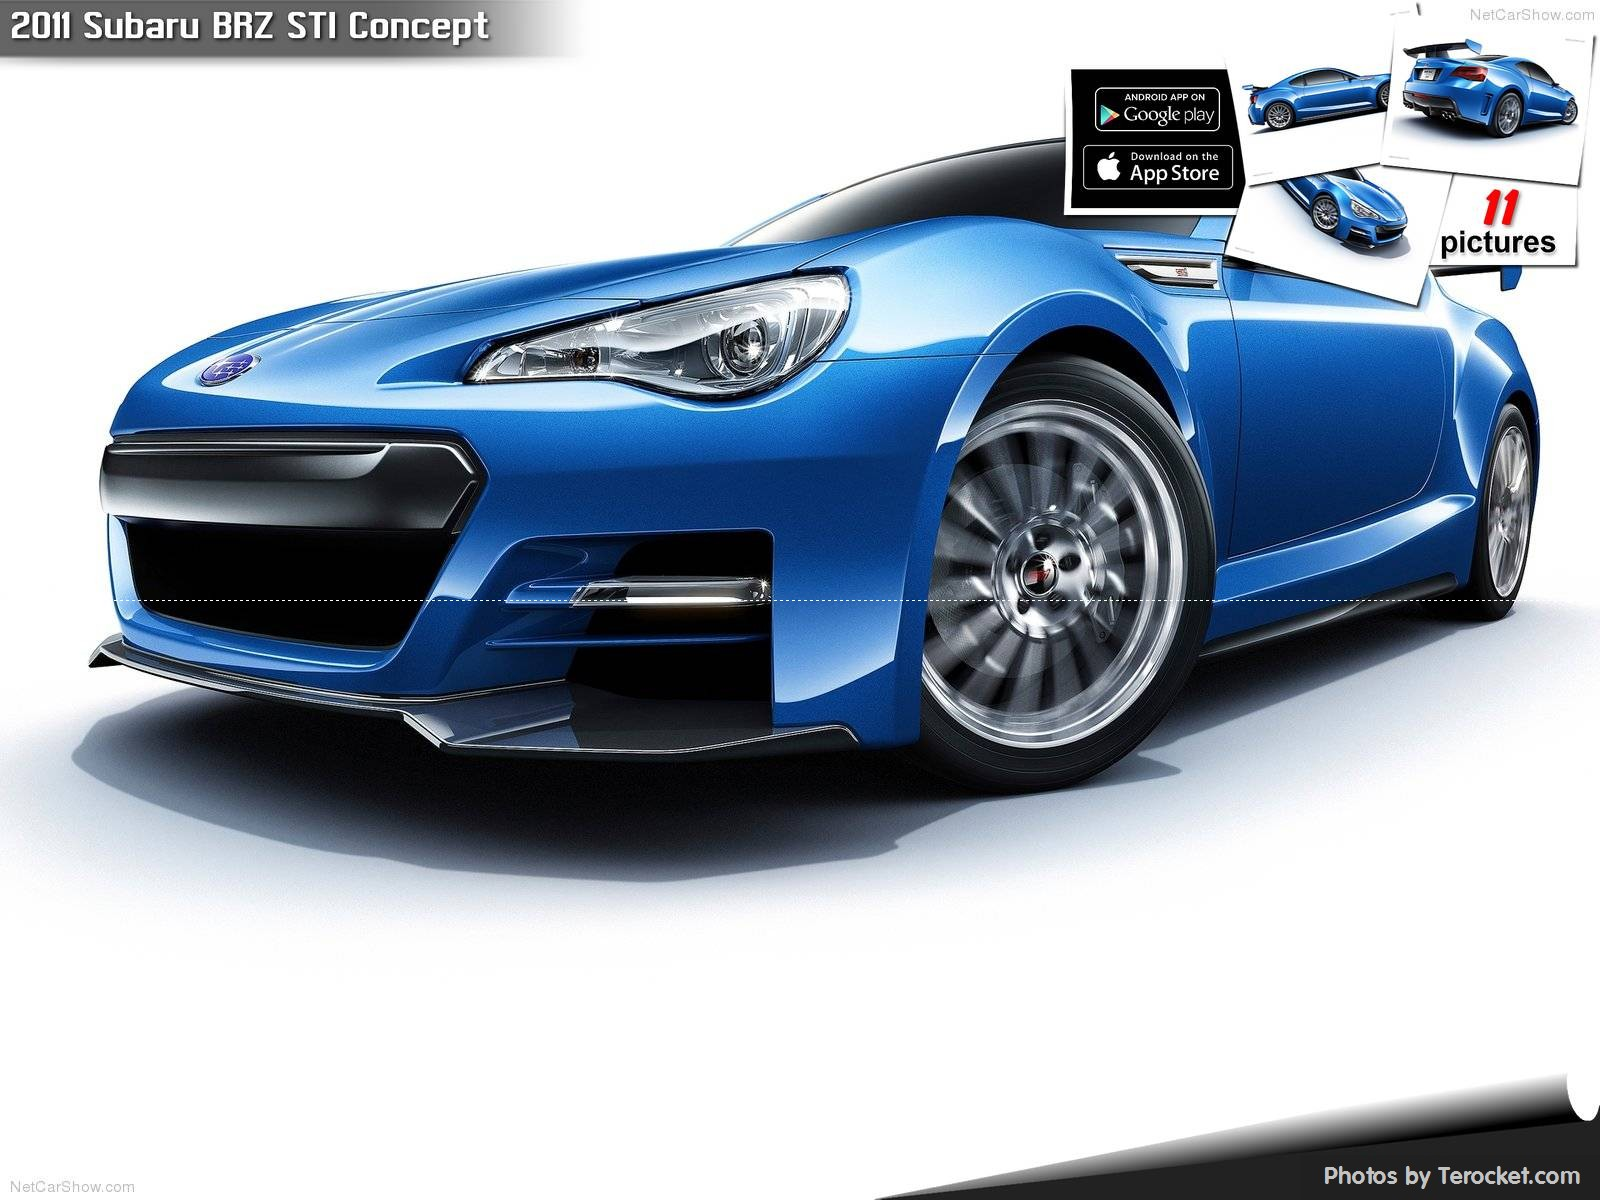 Hình ảnh xe ô tô Subaru BRZ STI Concept 2011 & nội ngoại thất